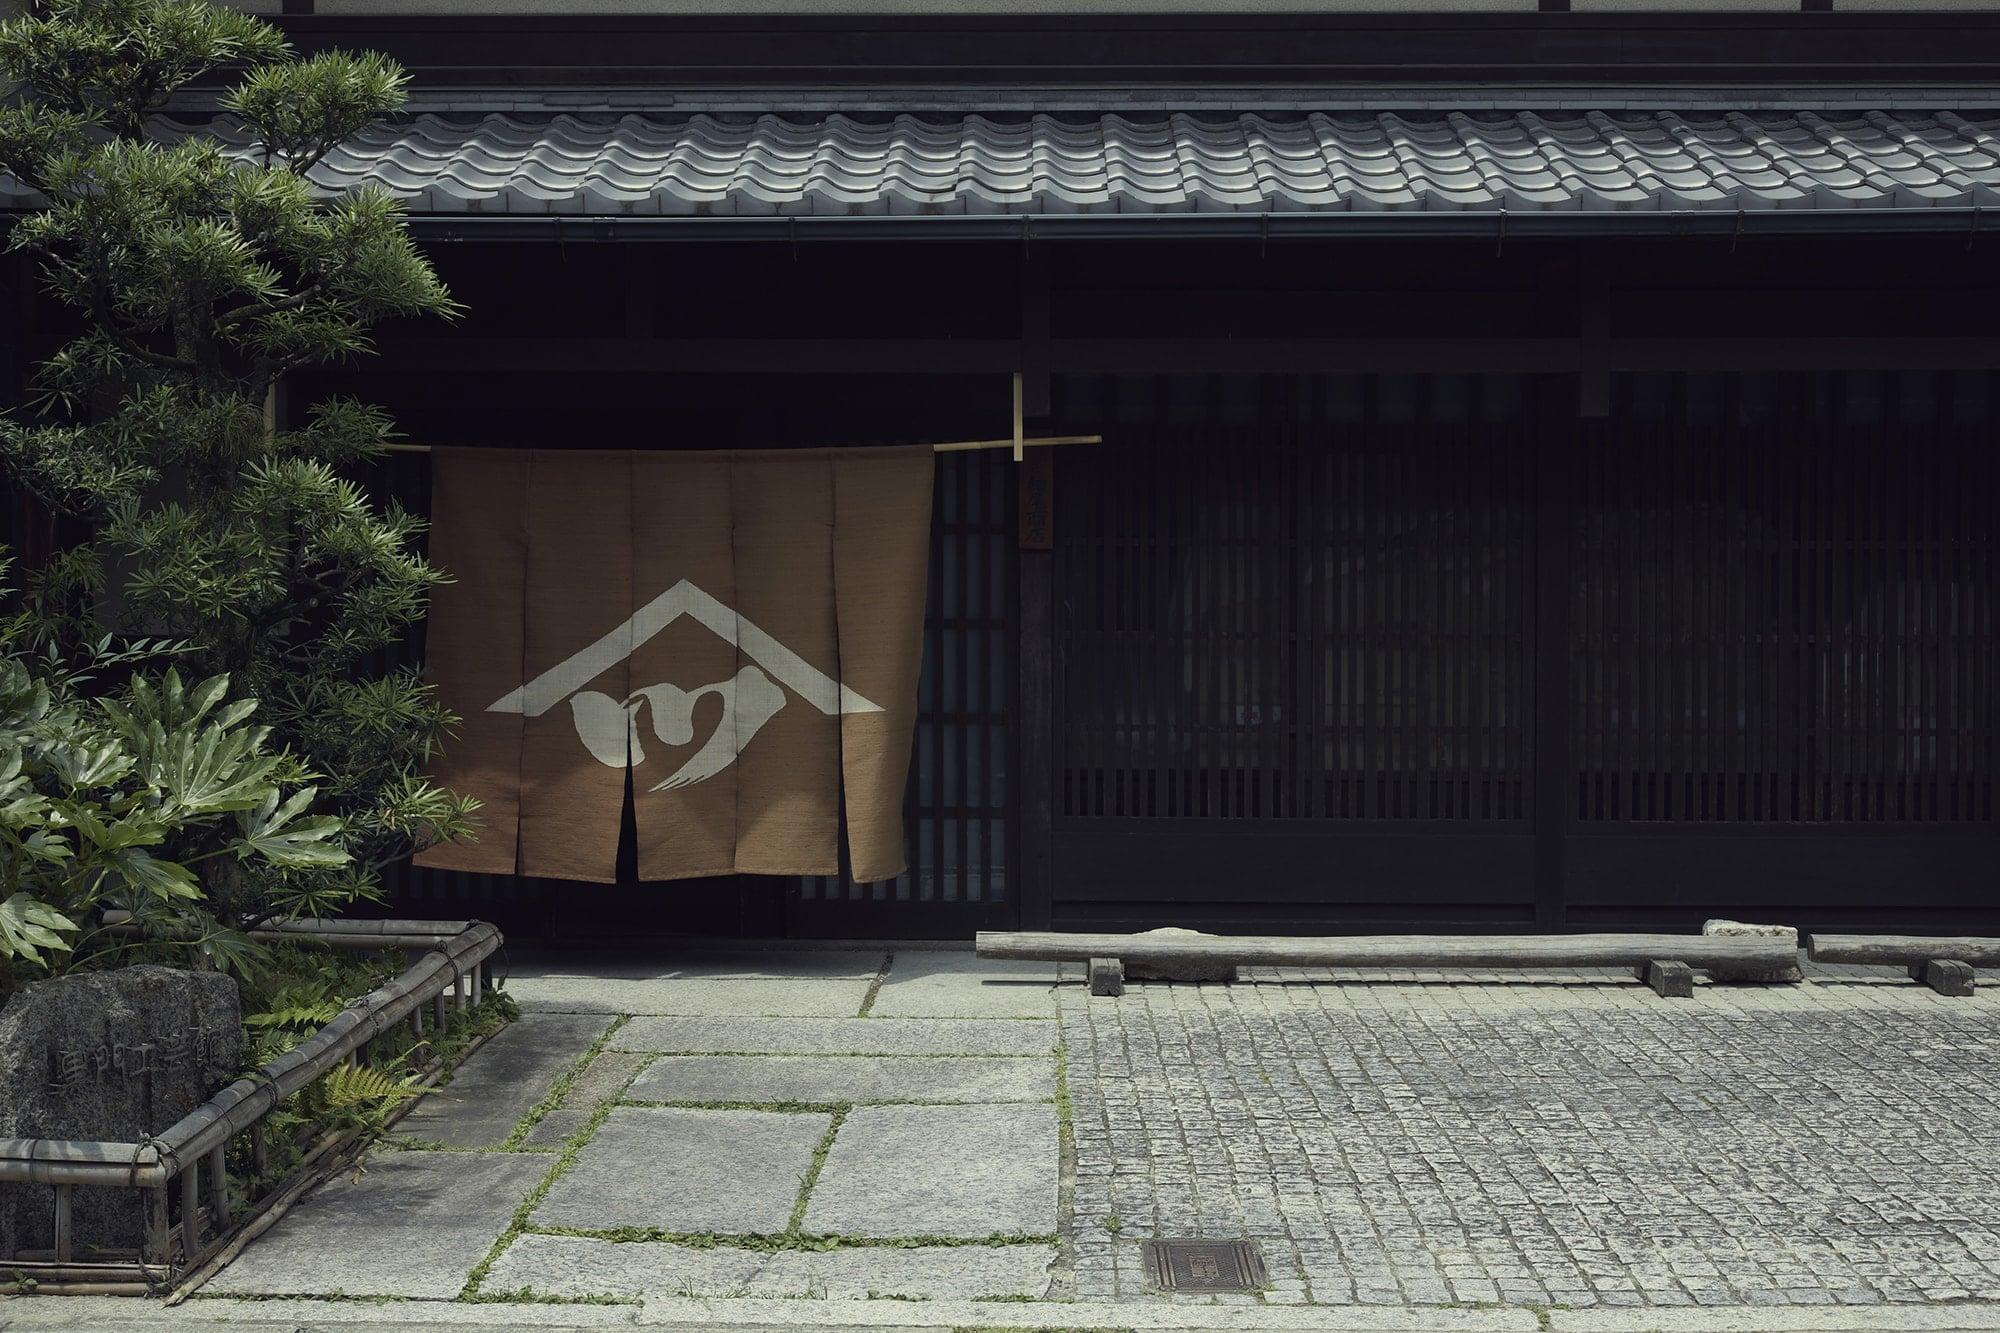 京都府上京区の西陣と呼ばれるエリアにあるショールーム「House of Hosoo」。